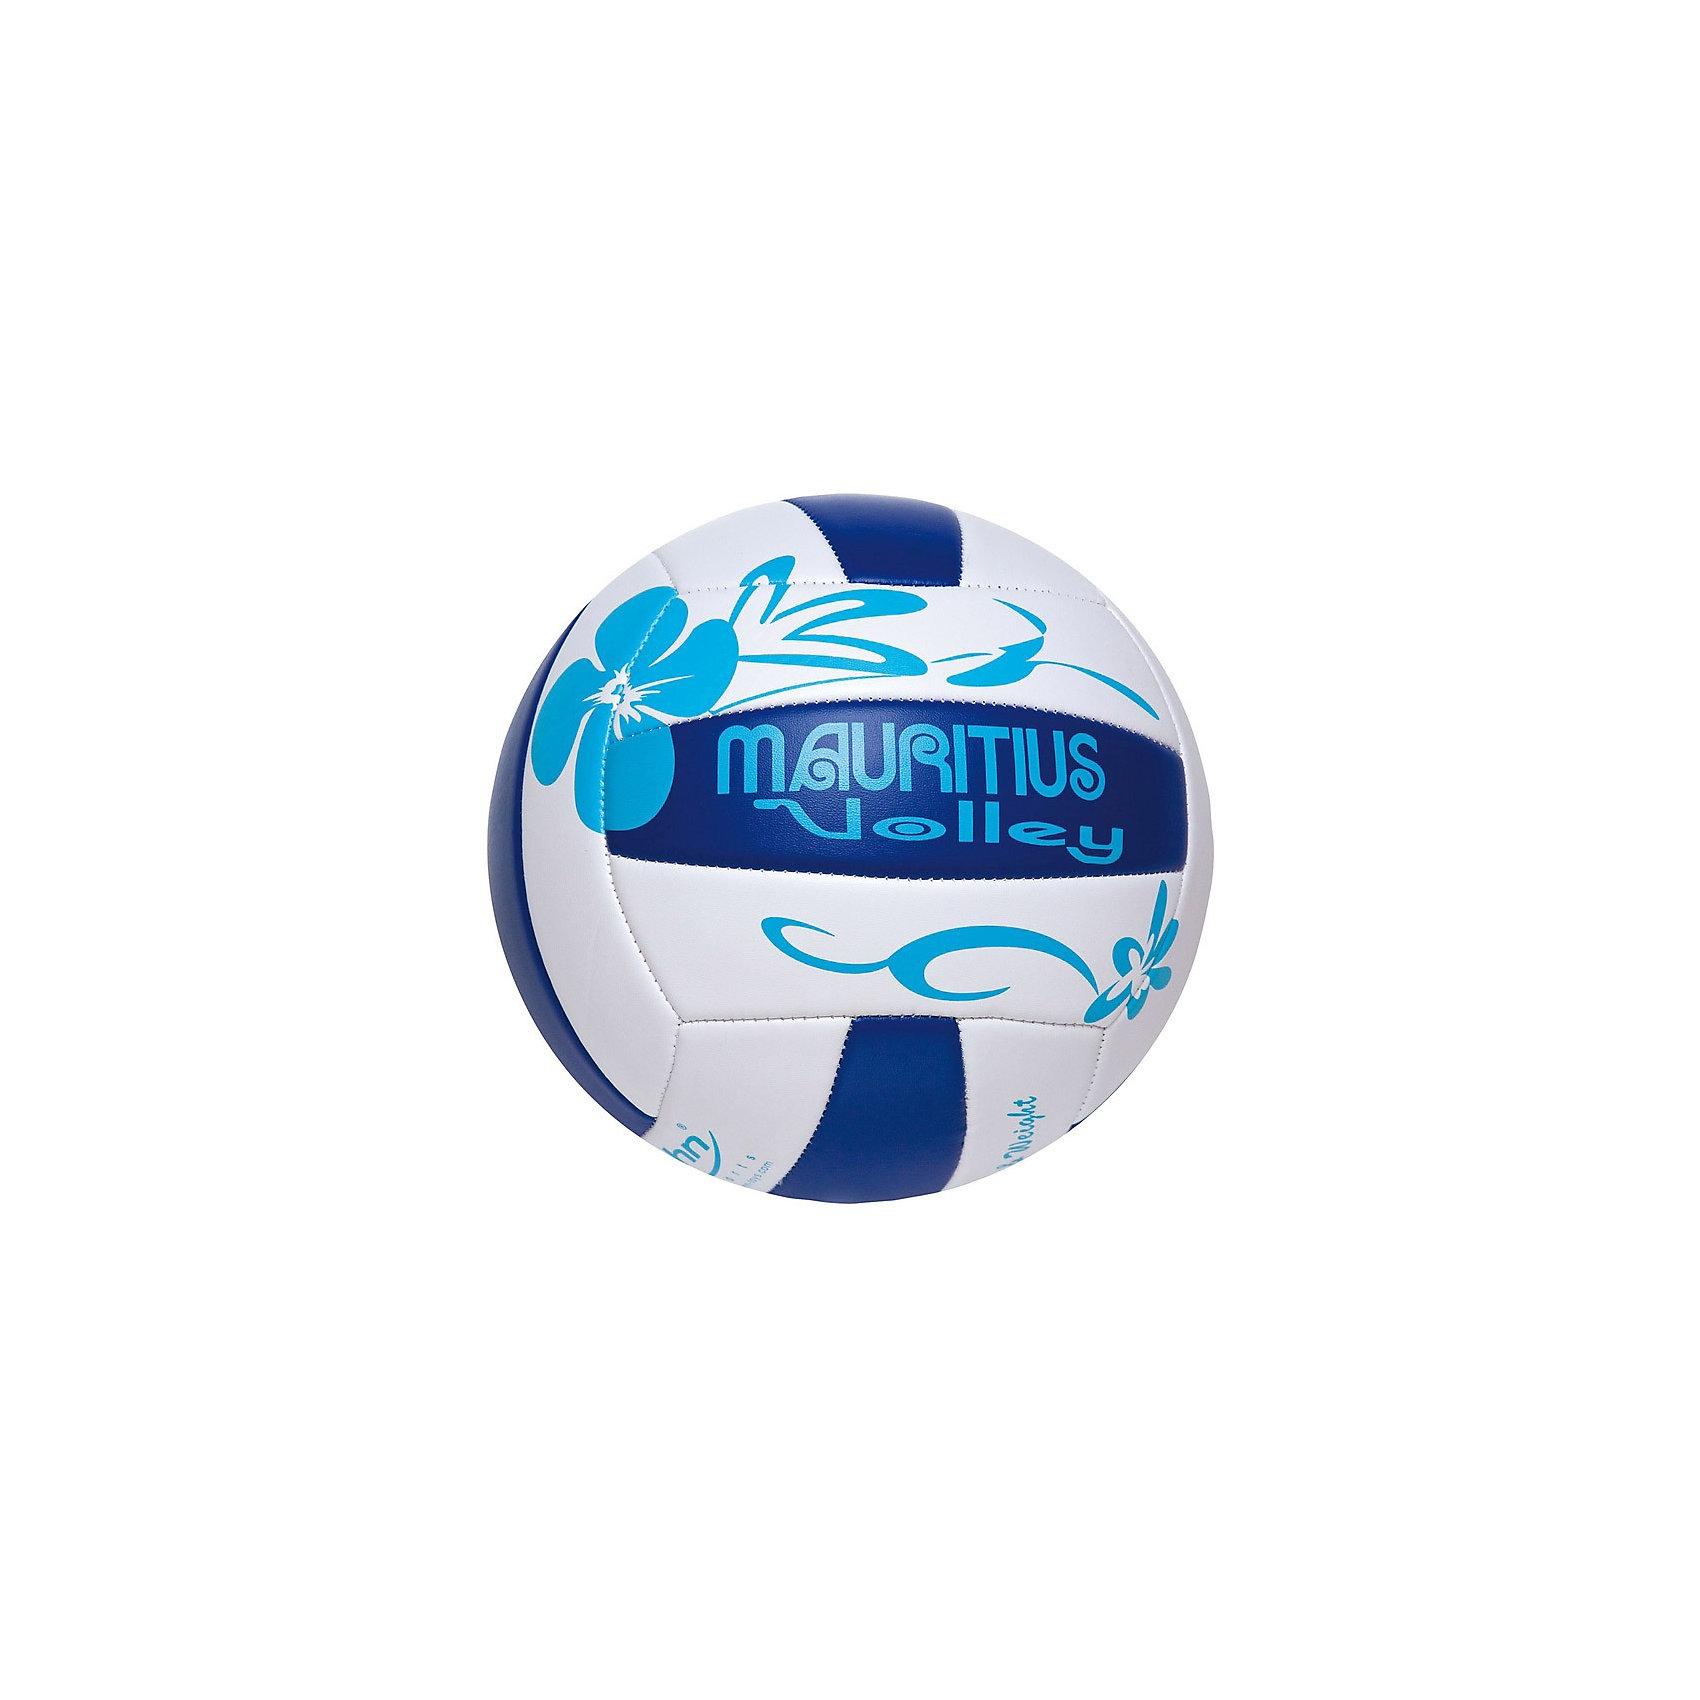 Мяч волейбольный  Мауритиус, 200 ммМячи детские<br>Волебольный мяч Мауритиус обладает отличными игровыми качествами. Мяч выполнен в весенне-летней цветовой гамме. <br>Отлично подойдет для игр на свежем воздухе и подарит много увлекательных, спортивно-азартных часов. <br>Дополнительно:<br>Размер: 200мм<br>Материал кожзам.<br><br>Ширина мм: 204<br>Глубина мм: 203<br>Высота мм: 129<br>Вес г: 322<br>Возраст от месяцев: 36<br>Возраст до месяцев: 96<br>Пол: Унисекс<br>Возраст: Детский<br>SKU: 3168448